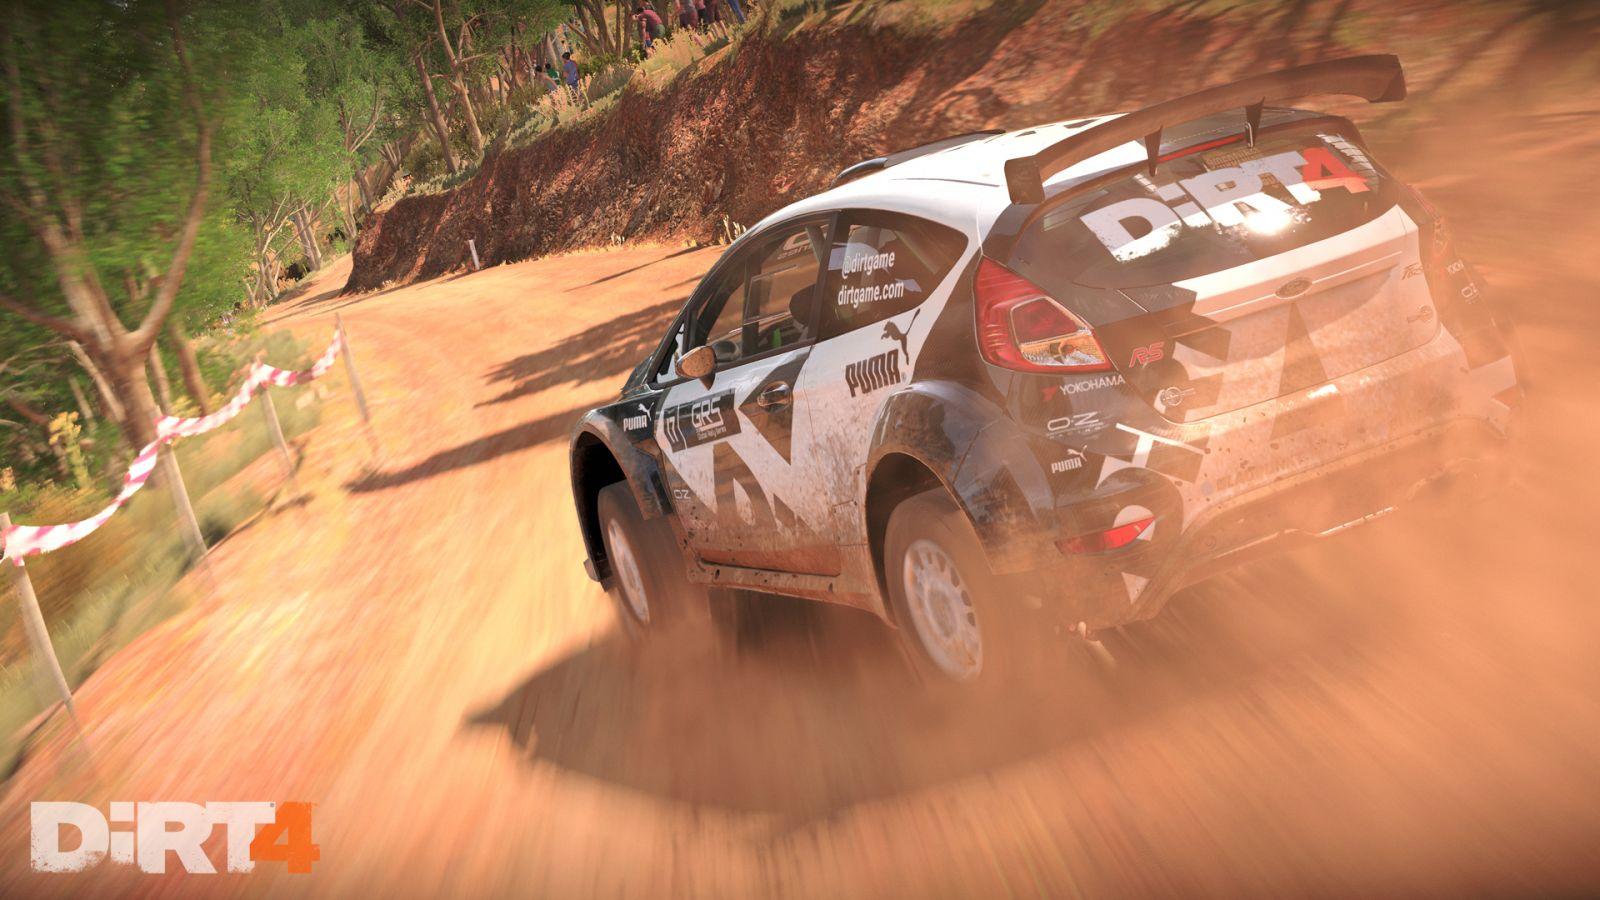 Fiesta Aus 6 DiRT 4 Preview